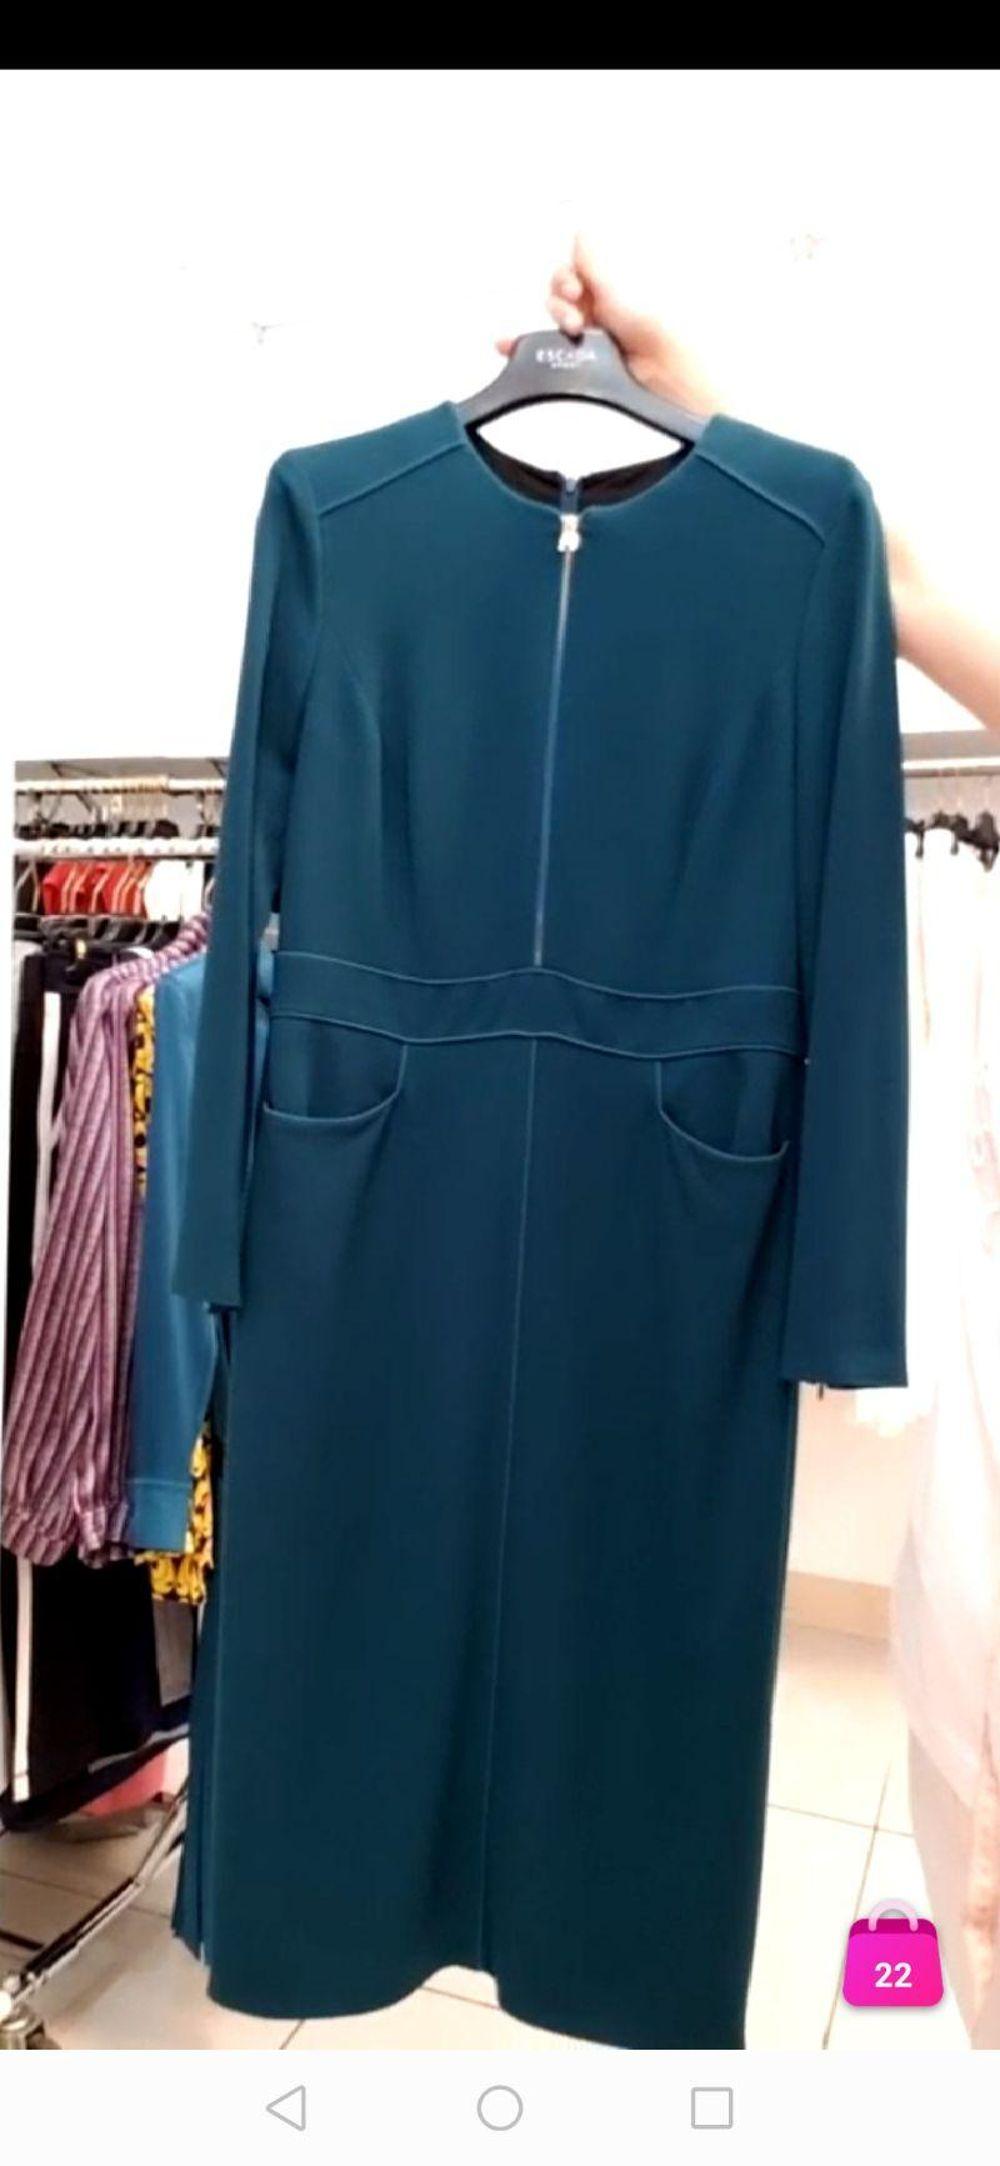 Escada人造丝孔雀绿色连衣裙(直播商品不退不换)